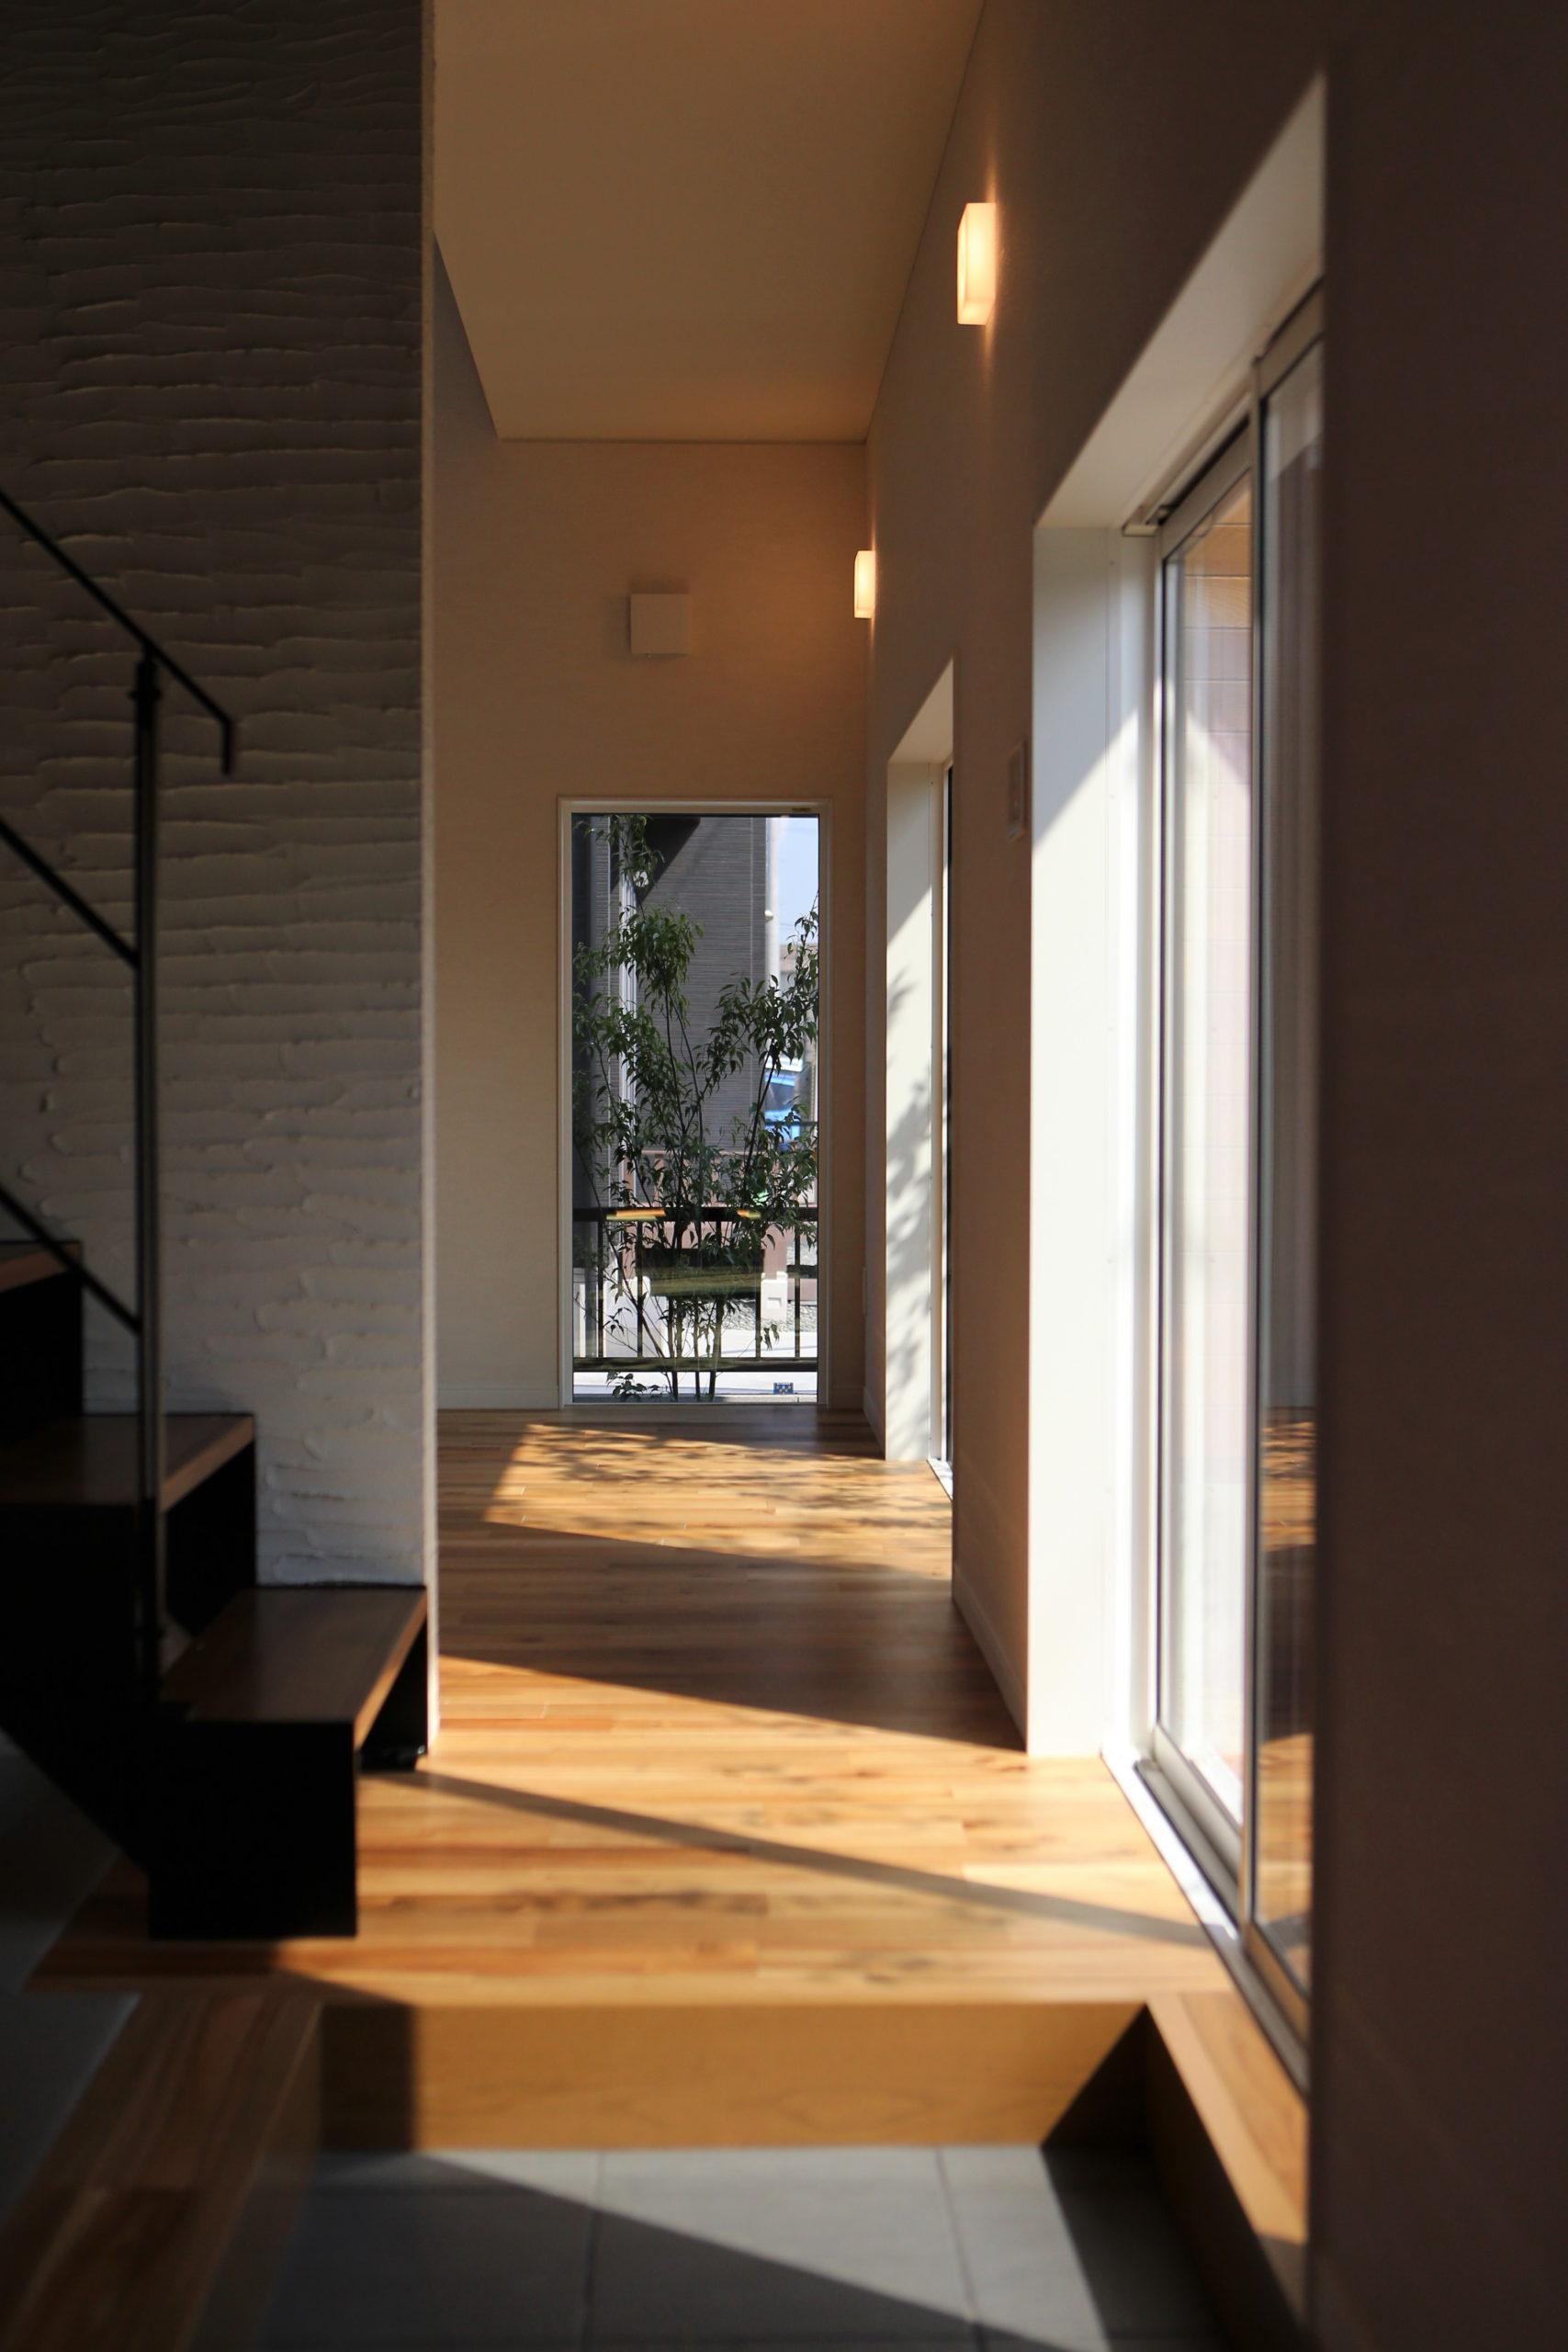 福山市の注文住宅|今井住建の施工事例ギャラリー「光を感じられるLDK」